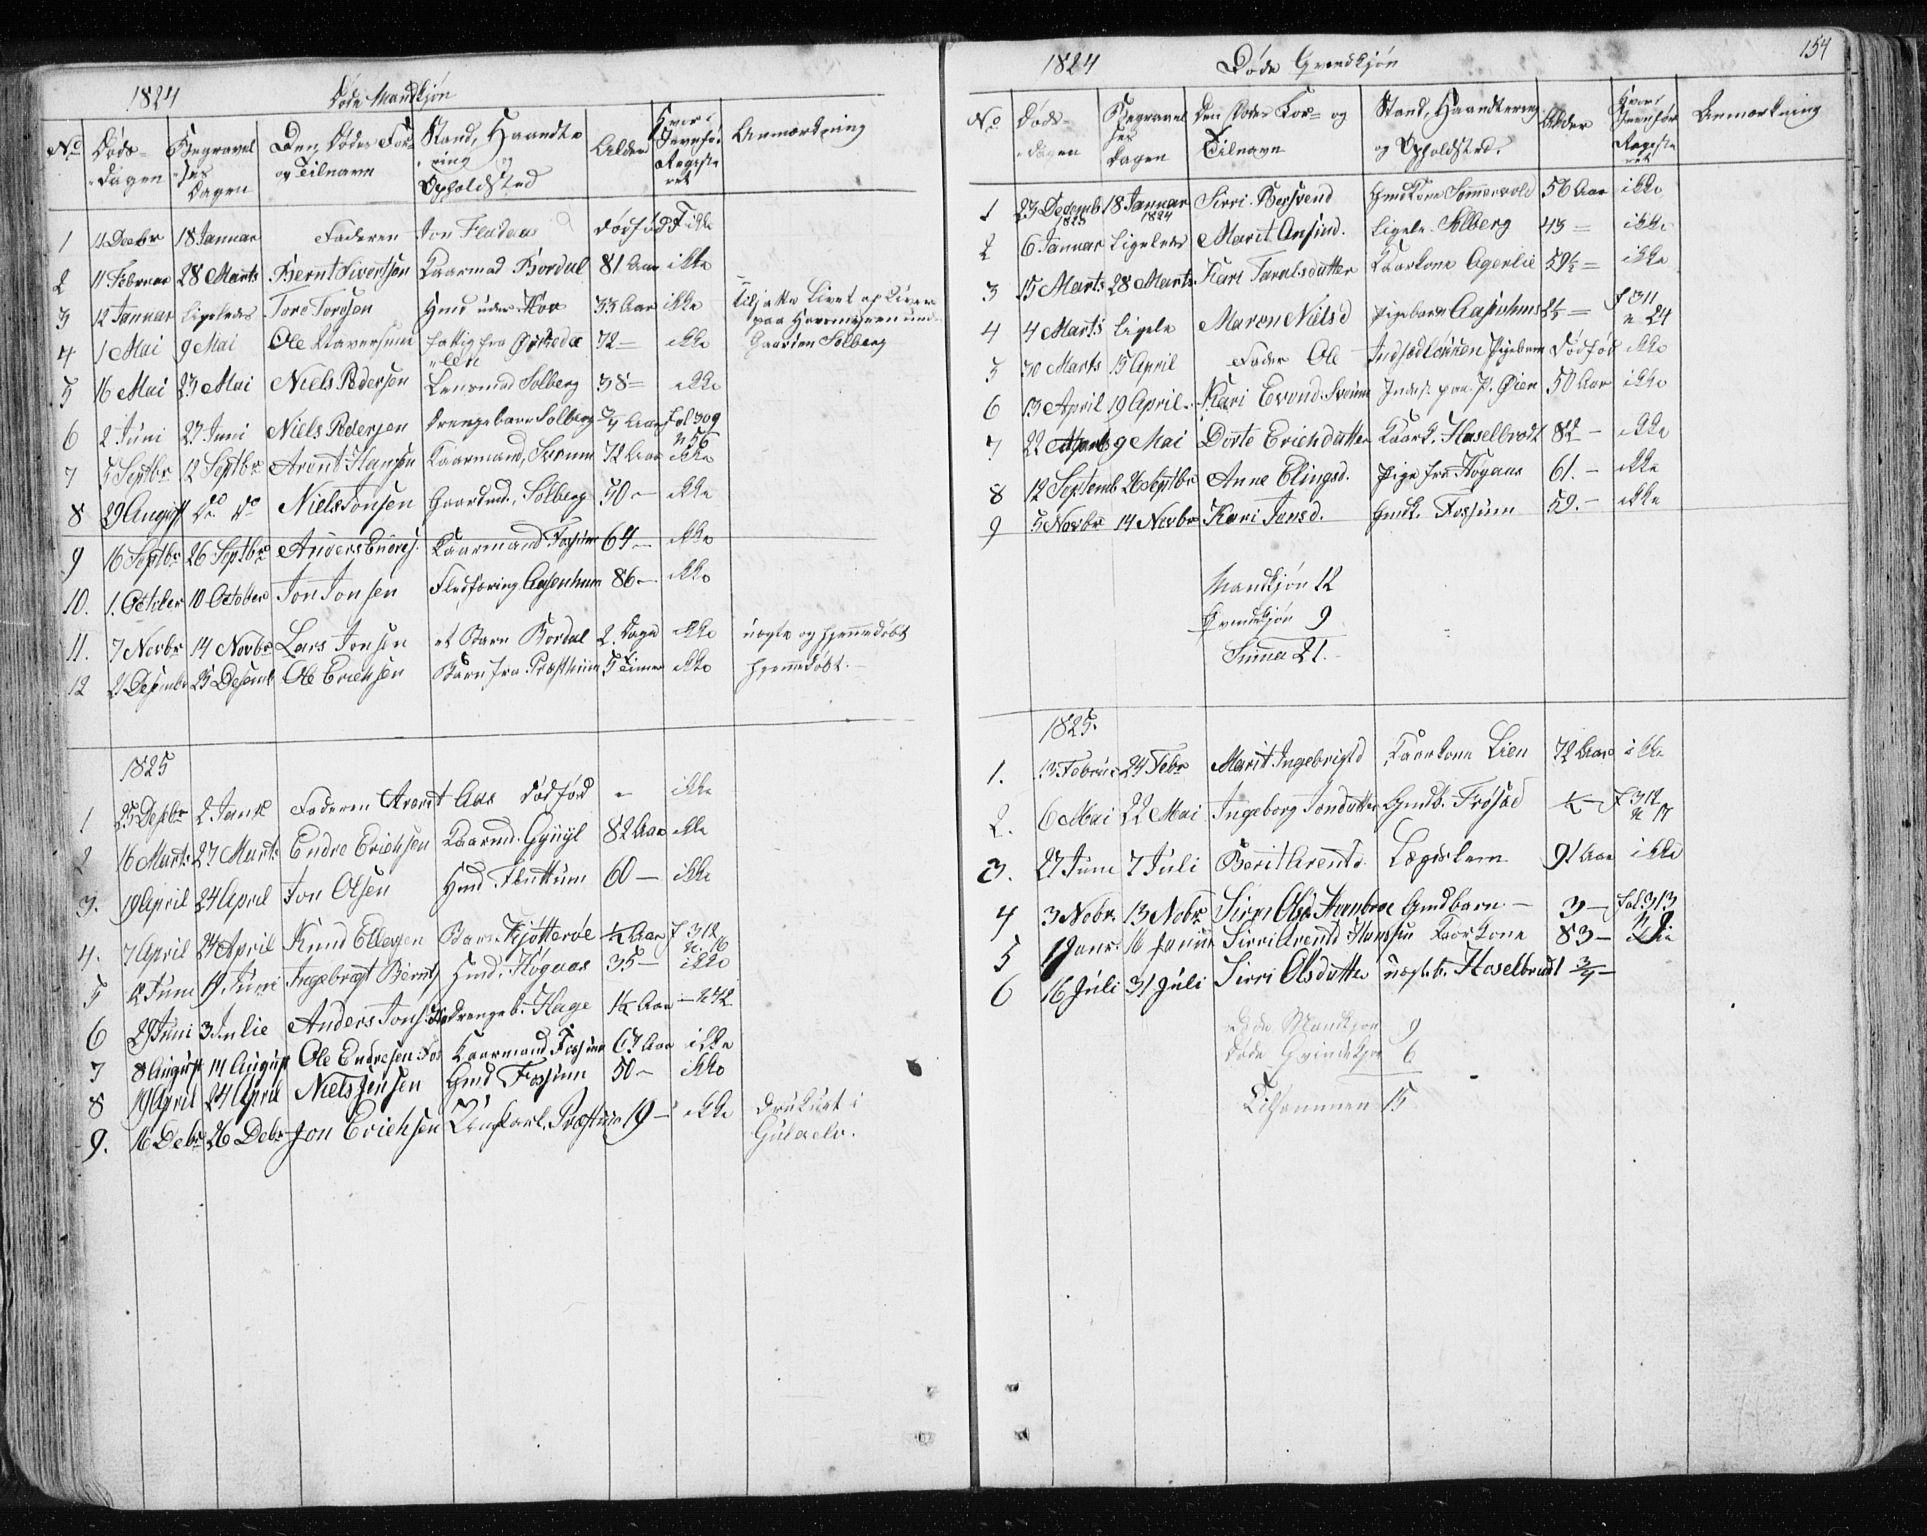 SAT, Ministerialprotokoller, klokkerbøker og fødselsregistre - Sør-Trøndelag, 689/L1043: Klokkerbok nr. 689C02, 1816-1892, s. 154